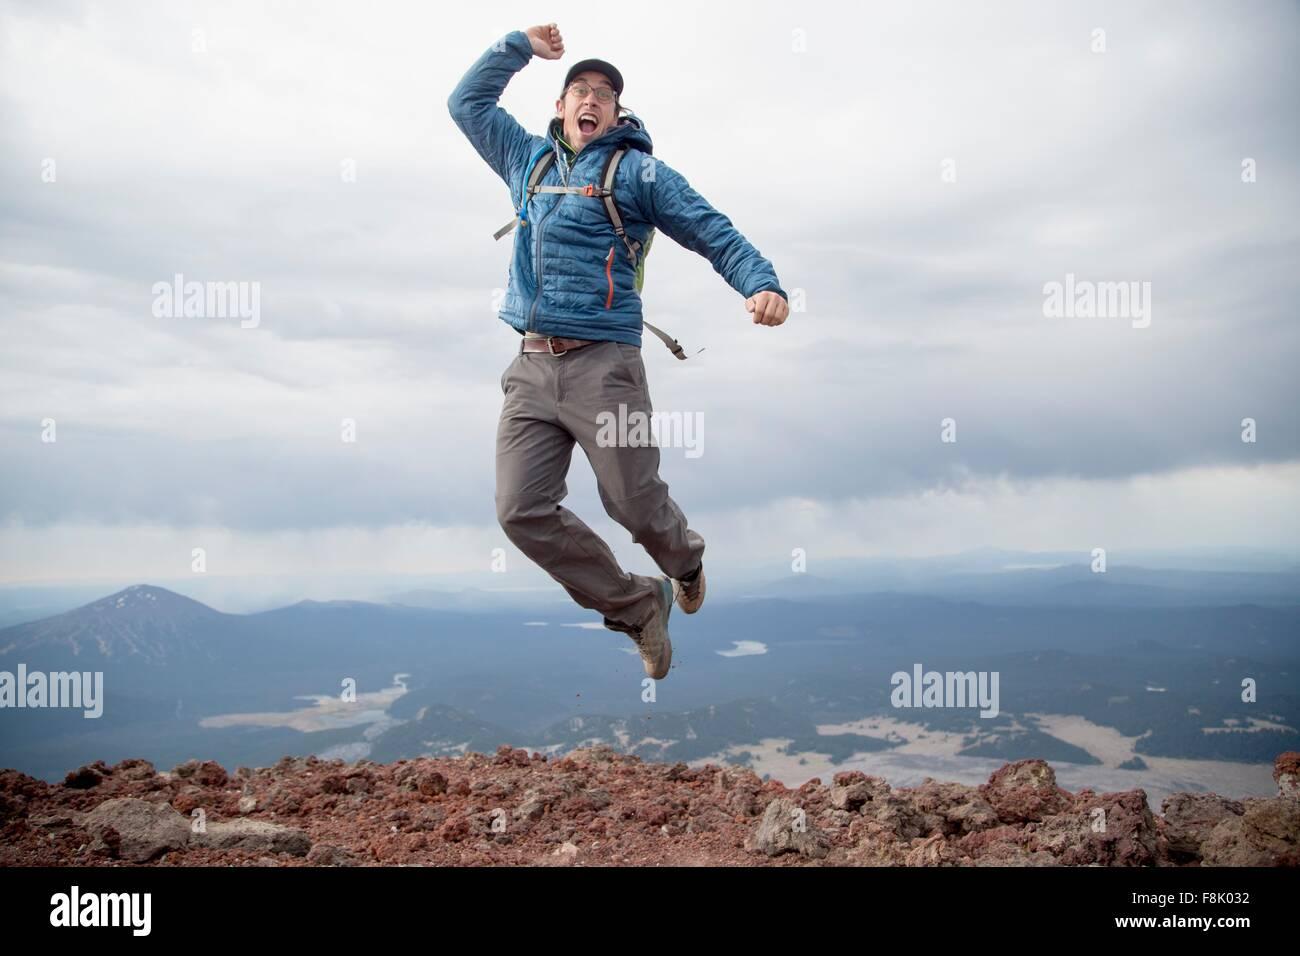 Giovane uomo salti di gioia al vertice del Sud Suor vulcano, piegare, Oregon, Stati Uniti d'America Immagini Stock